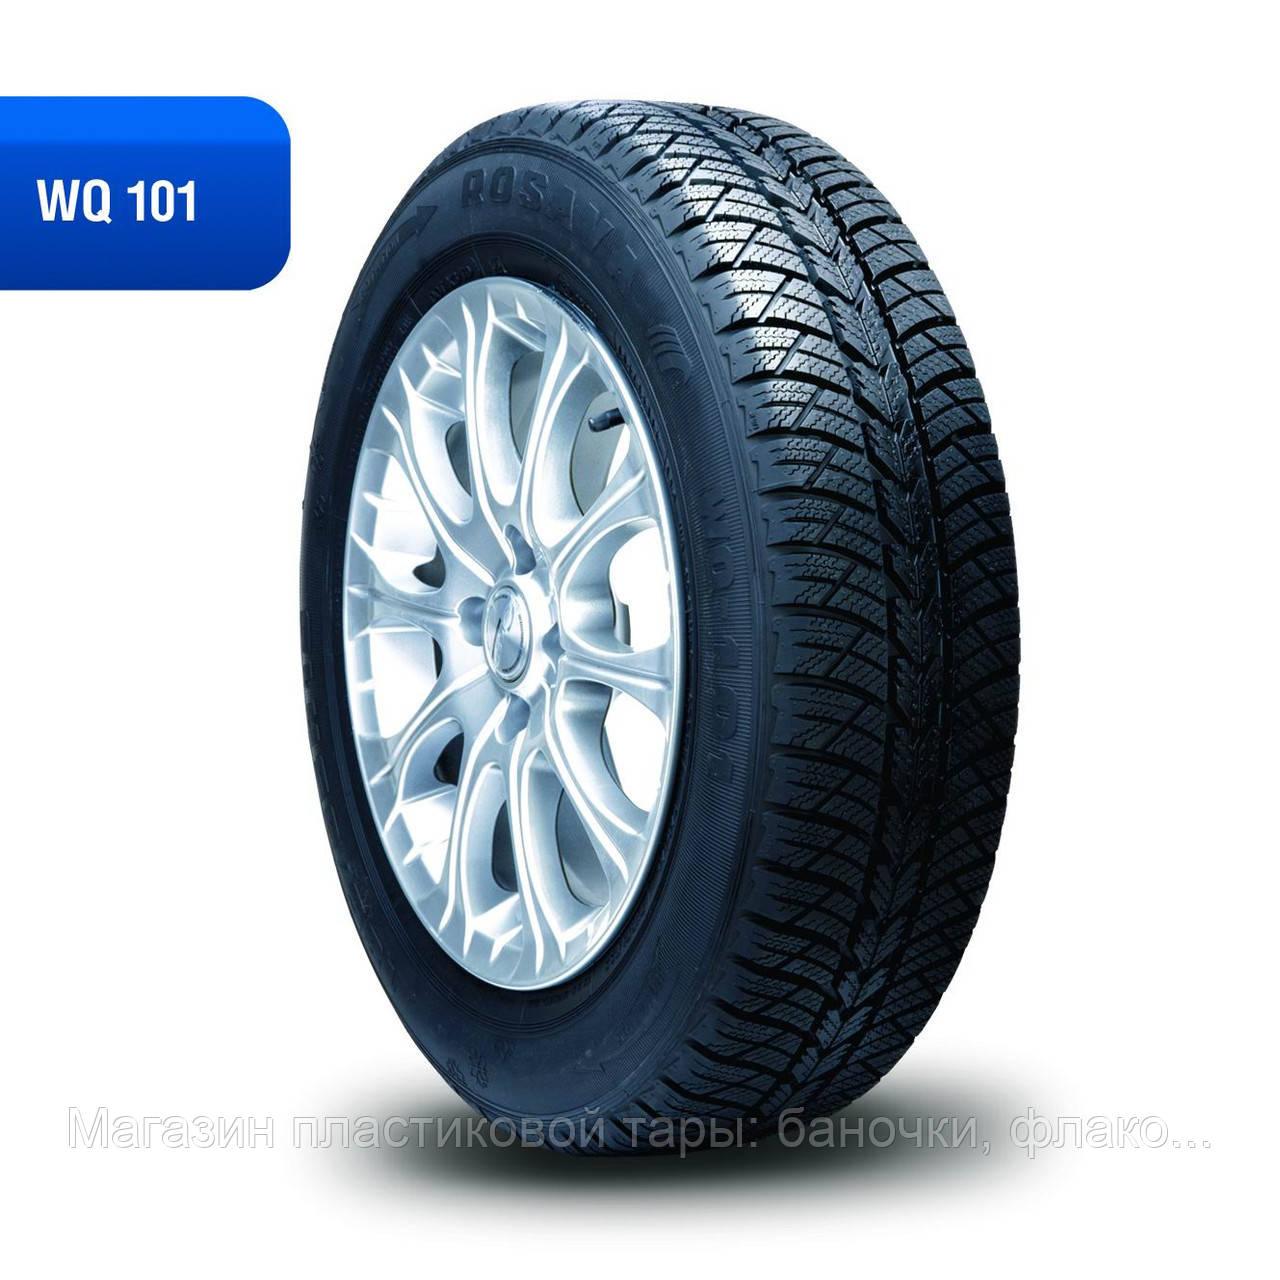 155/70R13 WQ-101 зимние шины Росава